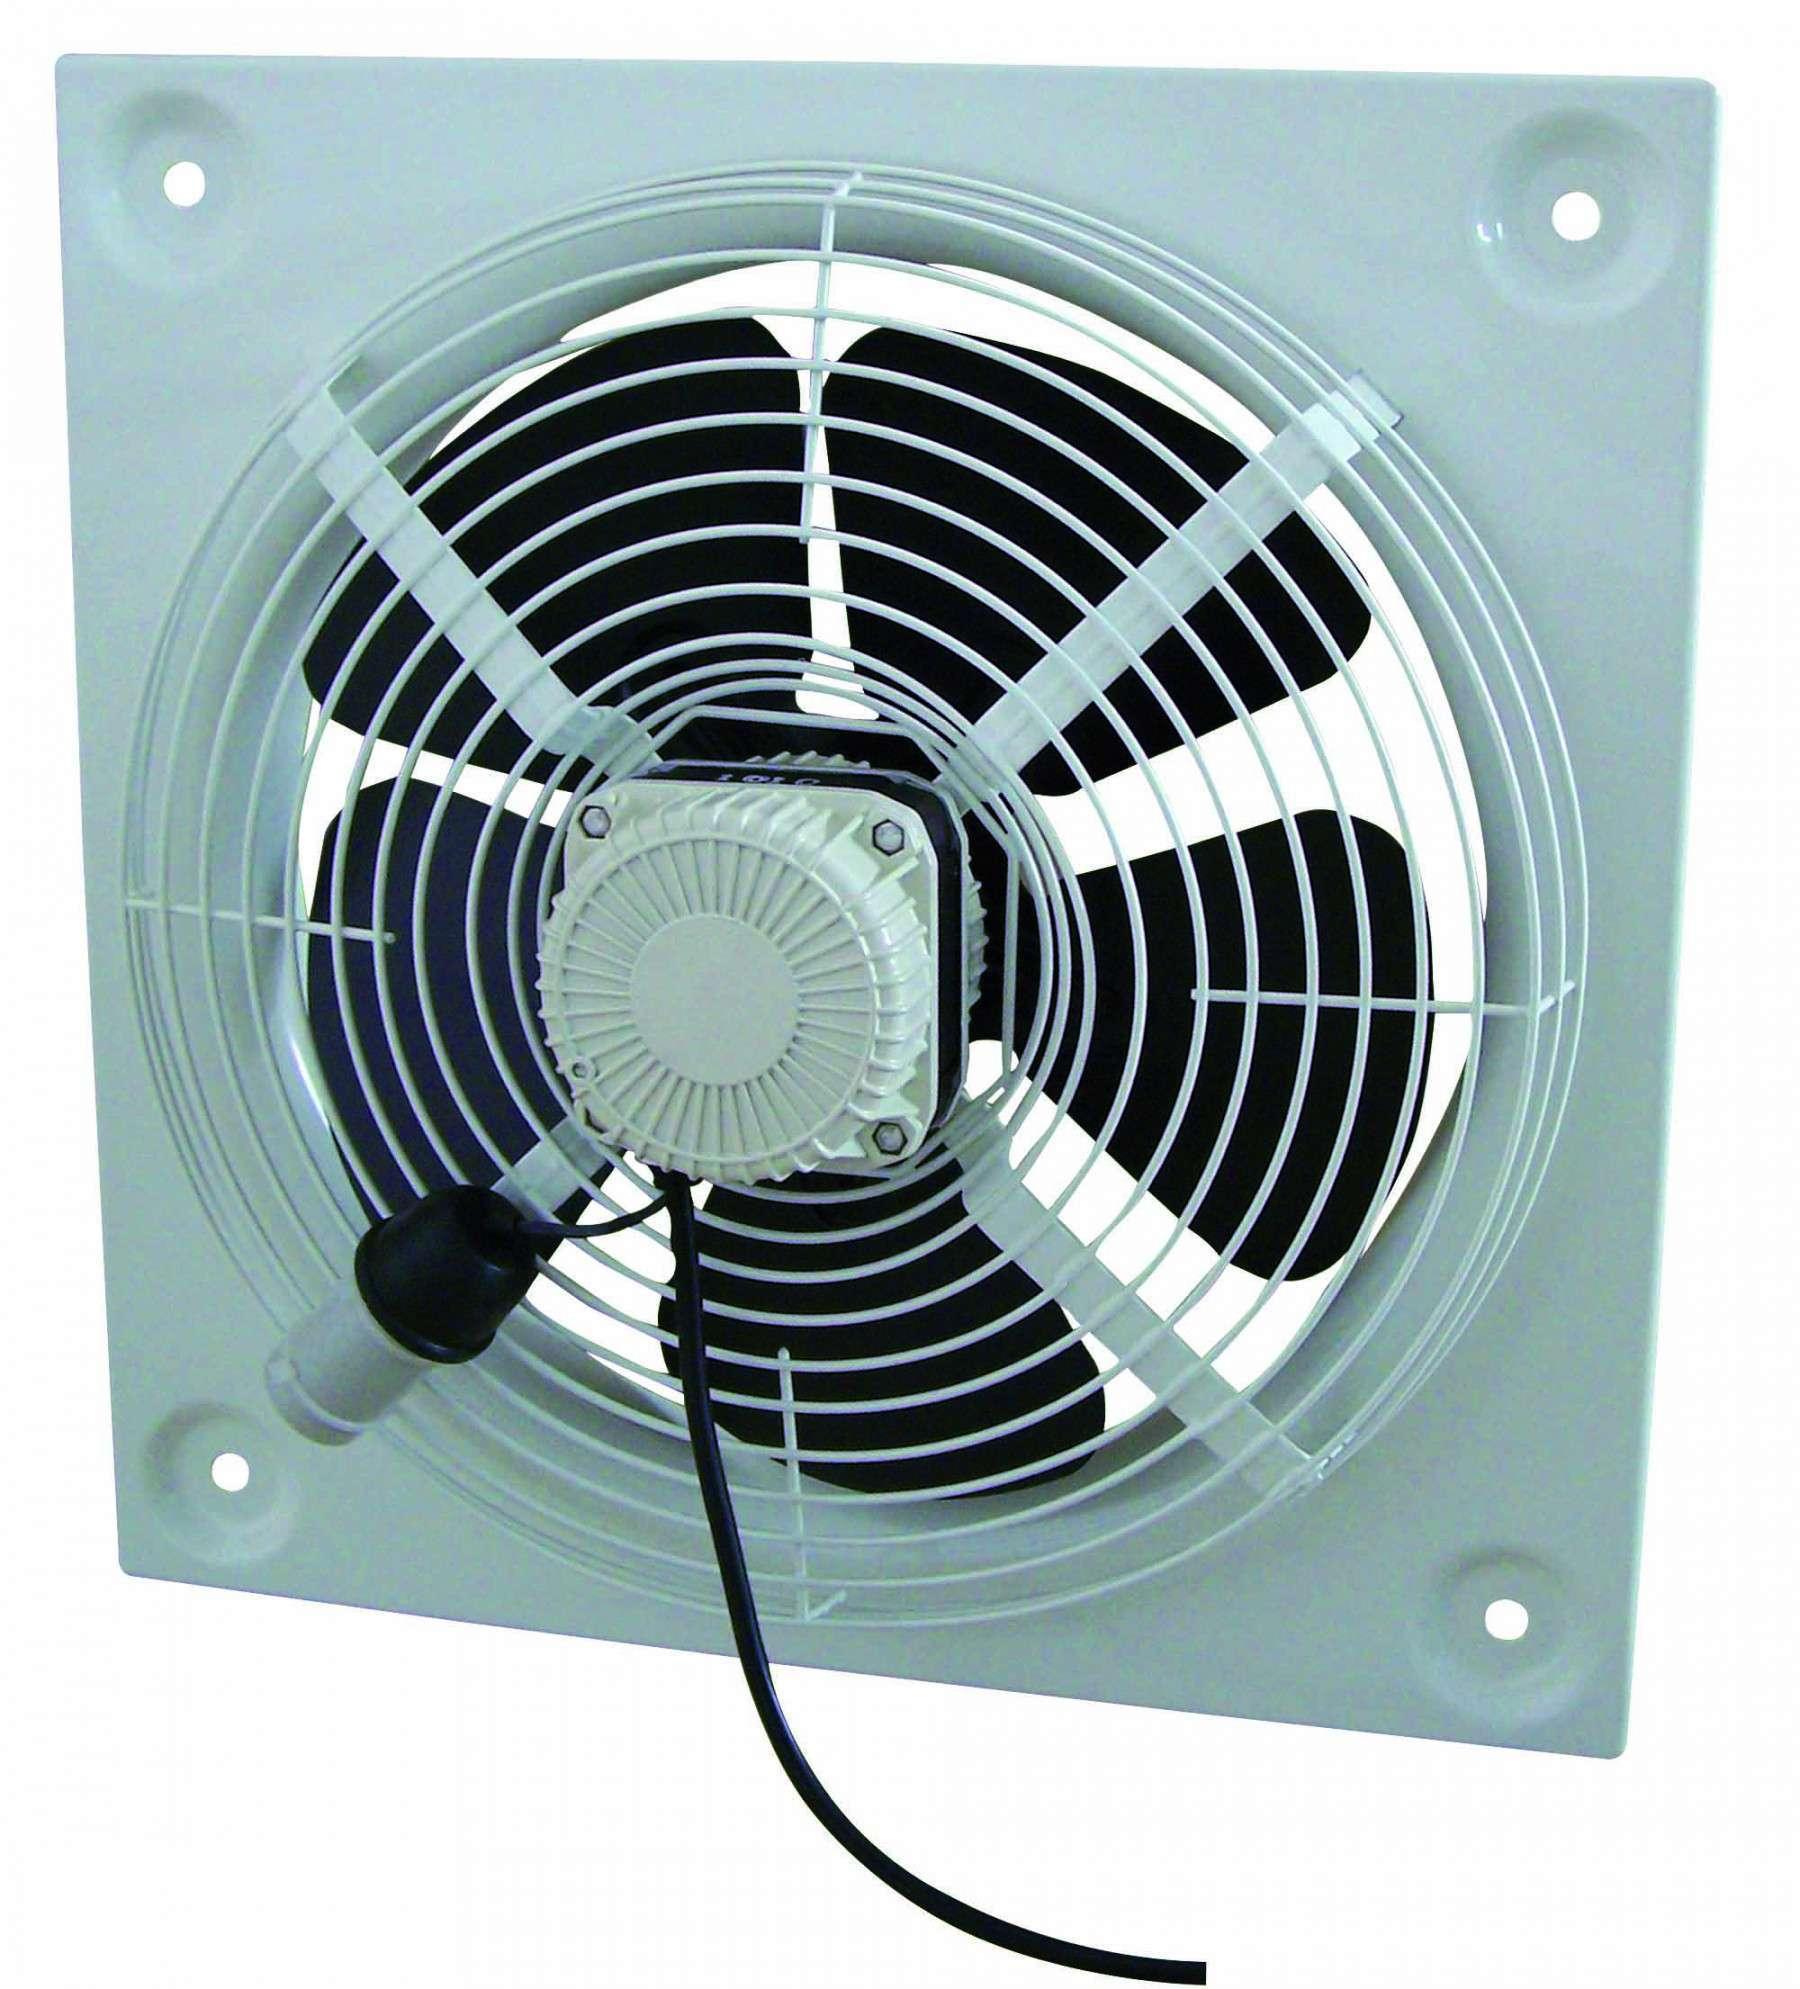 HXM 250 UNELVENT Ventilateur Hélicoïde Mural 50324